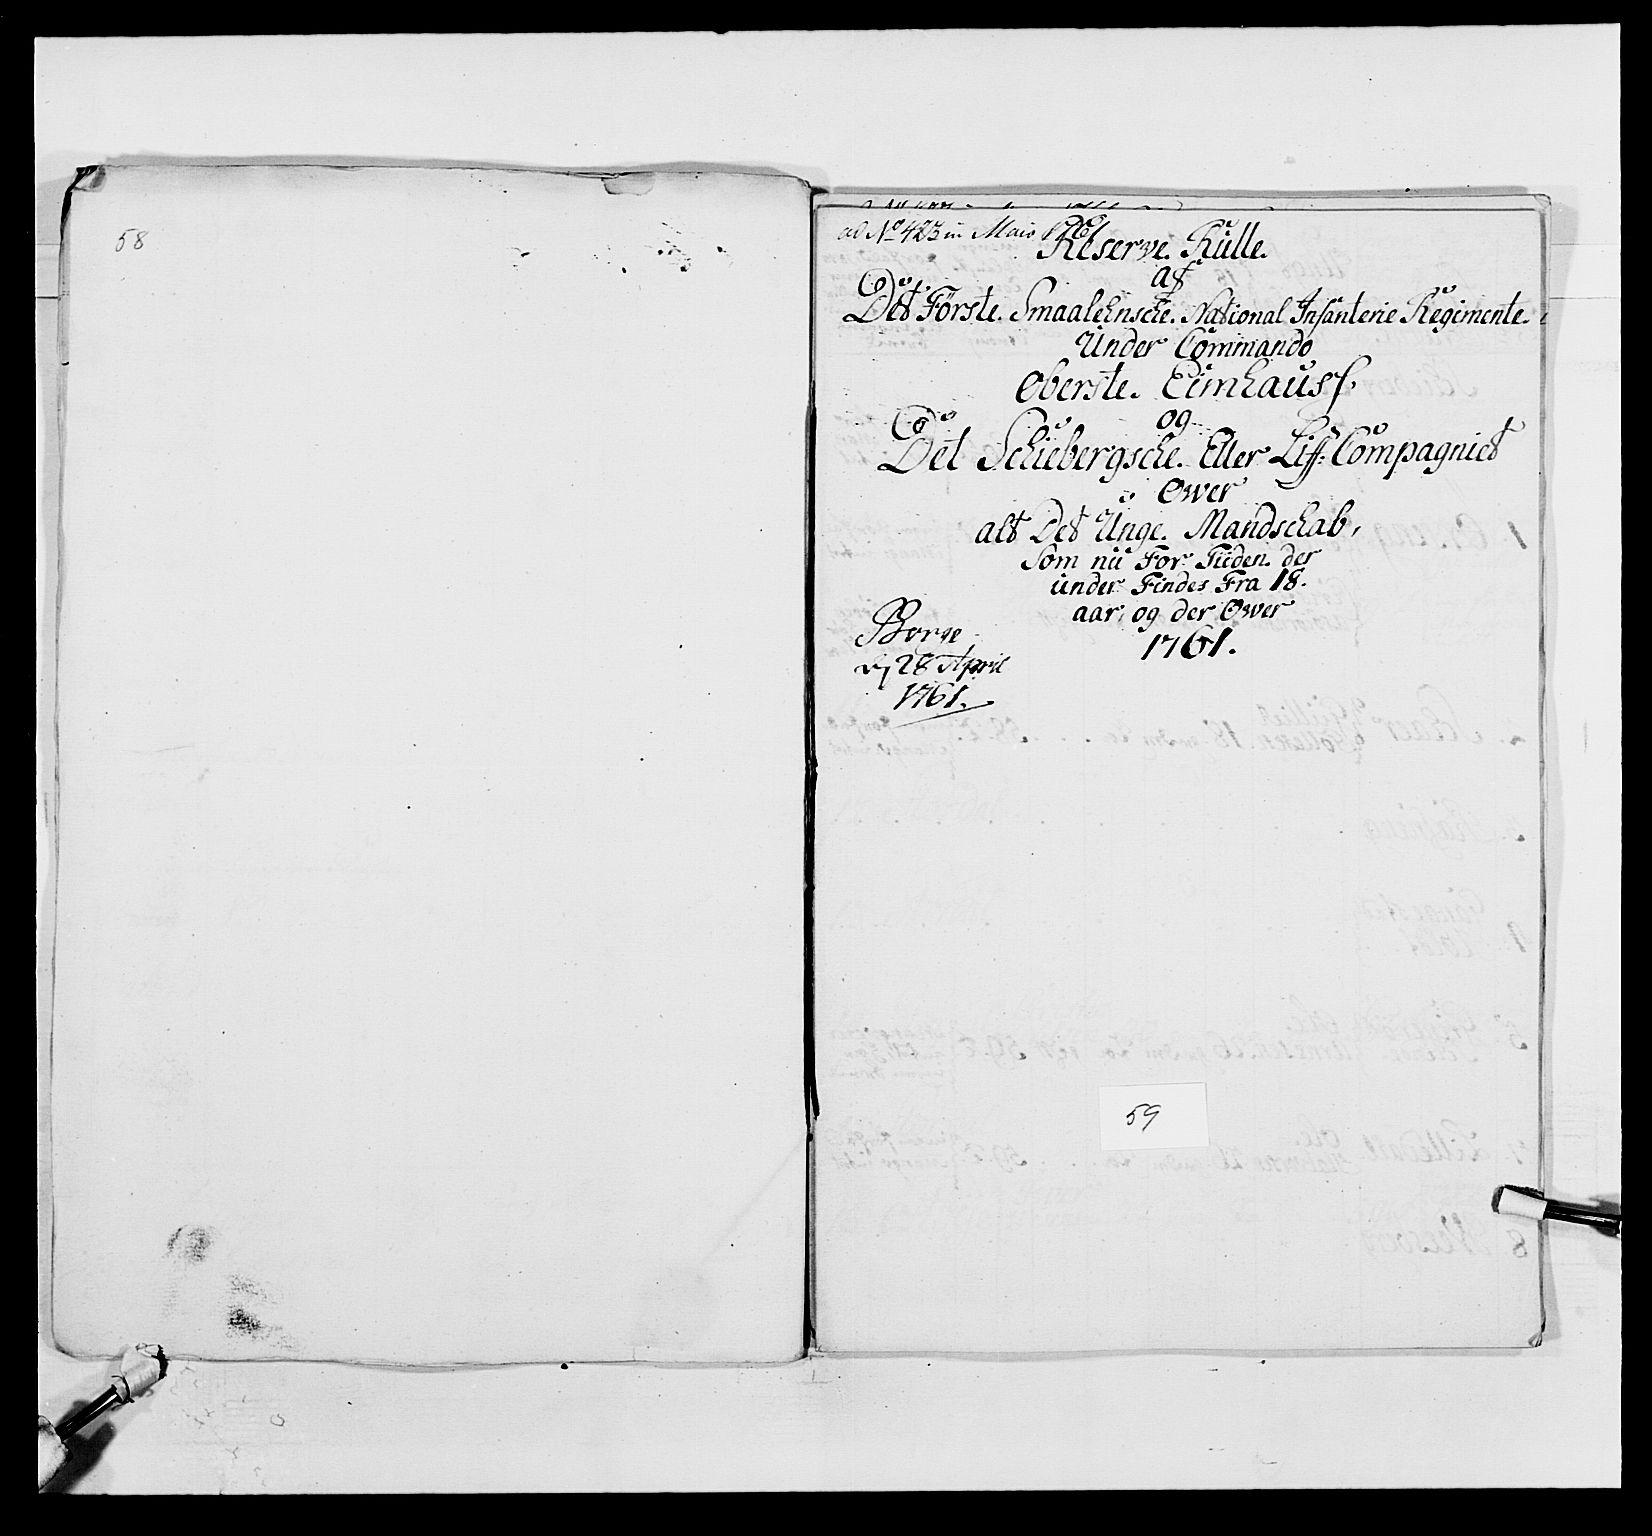 RA, Kommanderende general (KG I) med Det norske krigsdirektorium, E/Ea/L0495: 1. Smålenske regiment, 1732-1763, s. 751